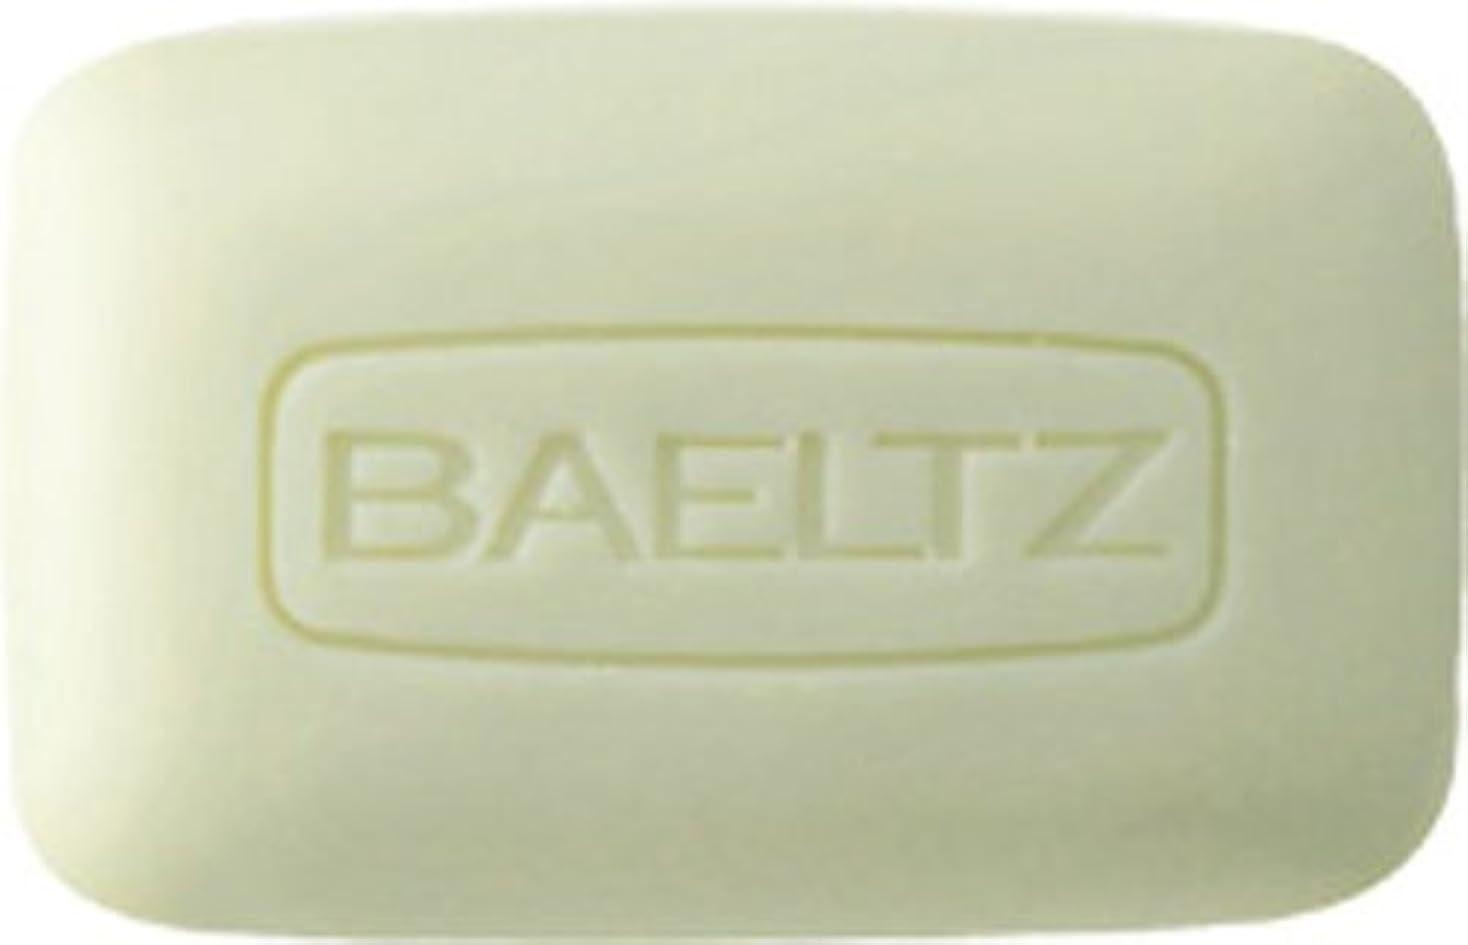 葉粗い狂気ドクターベルツ(Dr.BAELTZ) モイスチュアソープ DN 80g(洗顔石けん)